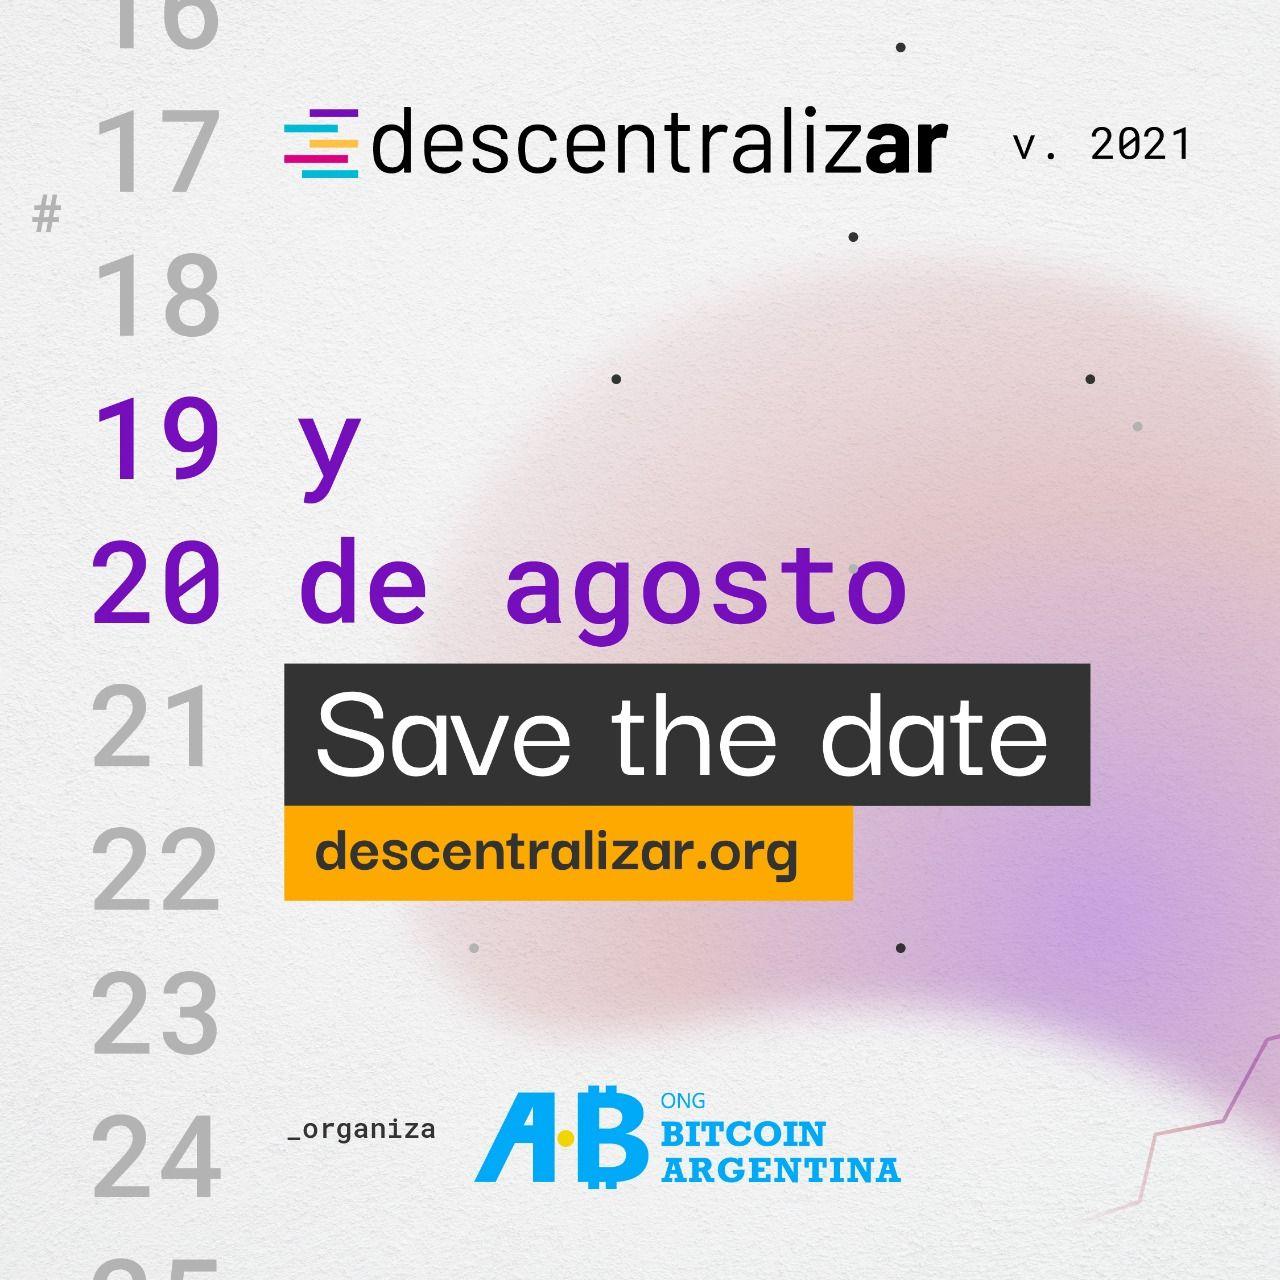 Descentralizar-STD